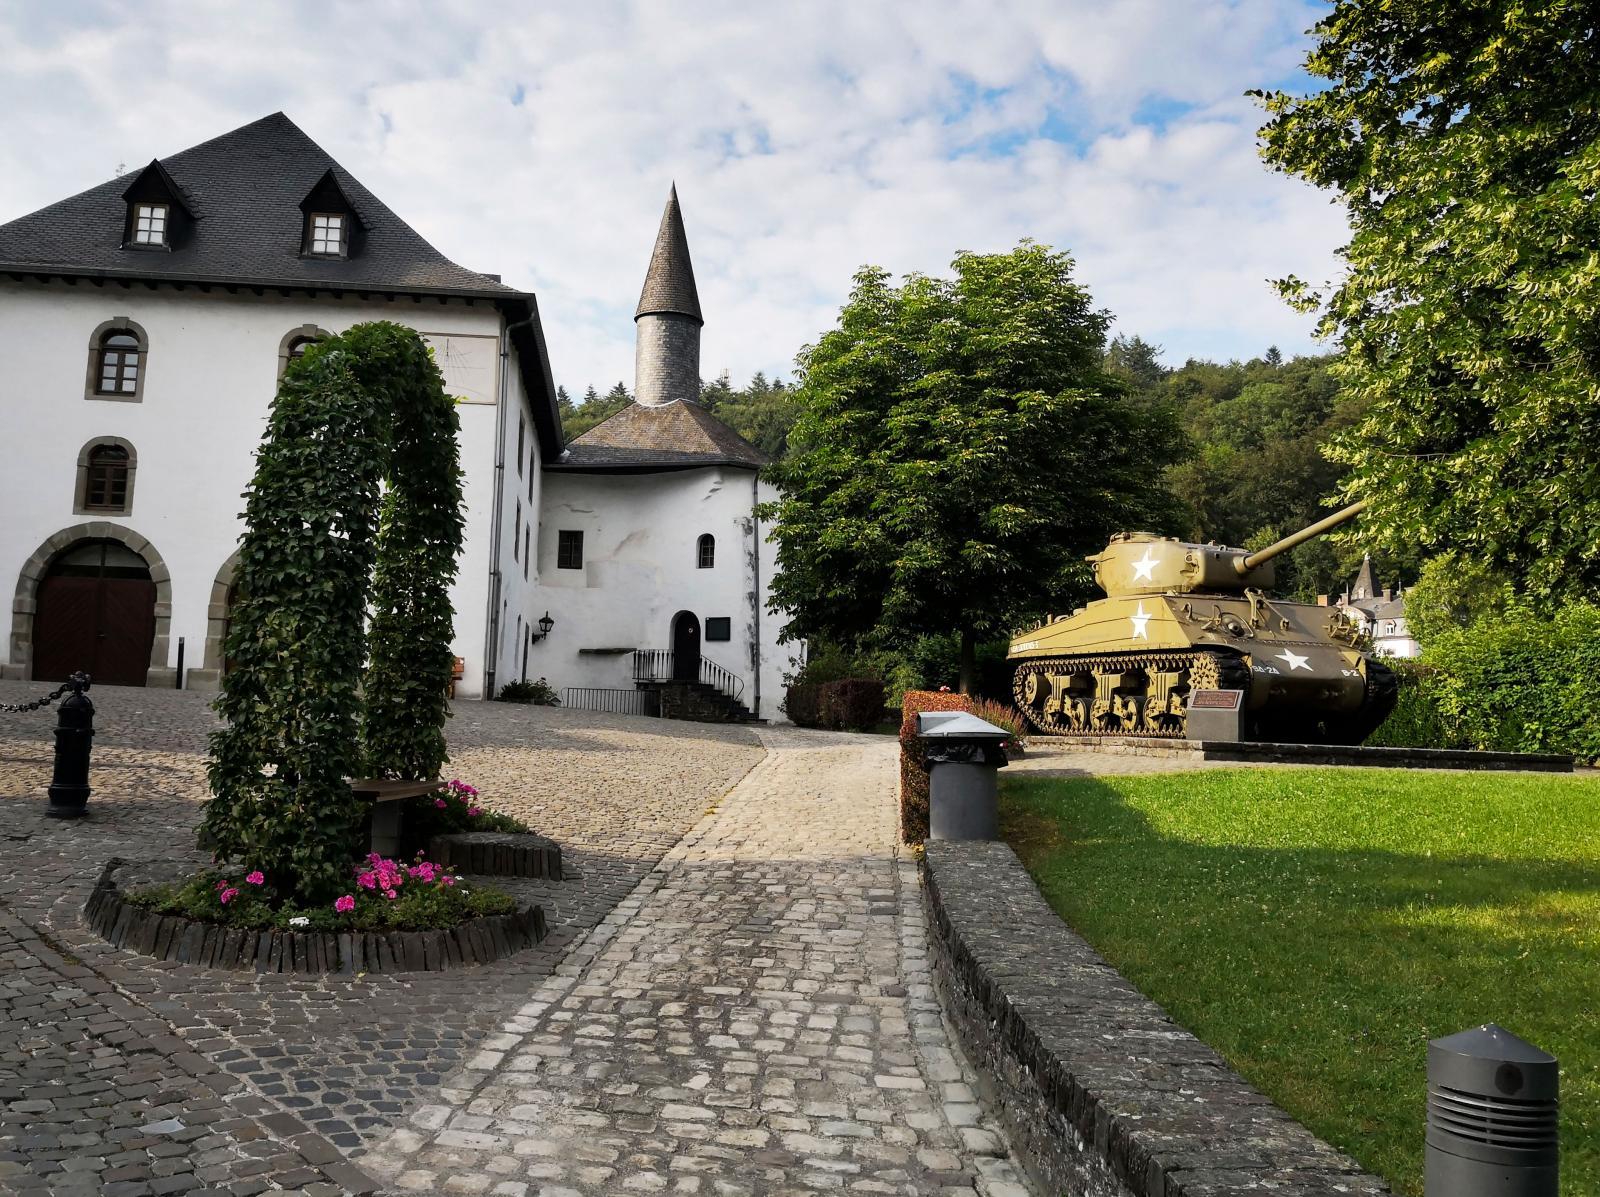 Inne på Clervaux slott pågår utställningen Family of Man som upptagits på Unescos världsminneslista.